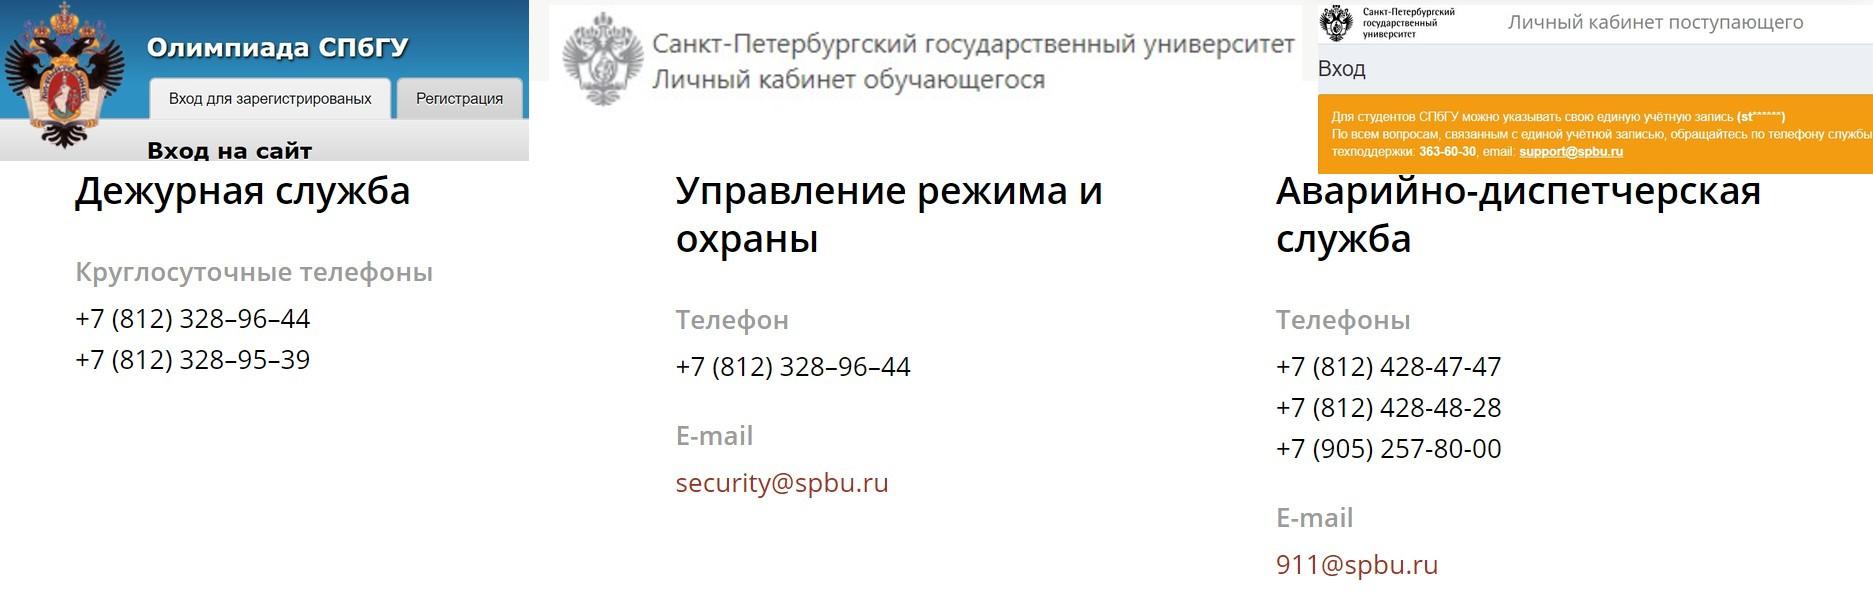 Ссылка на сайт Санкт-Петербургского государственного университета